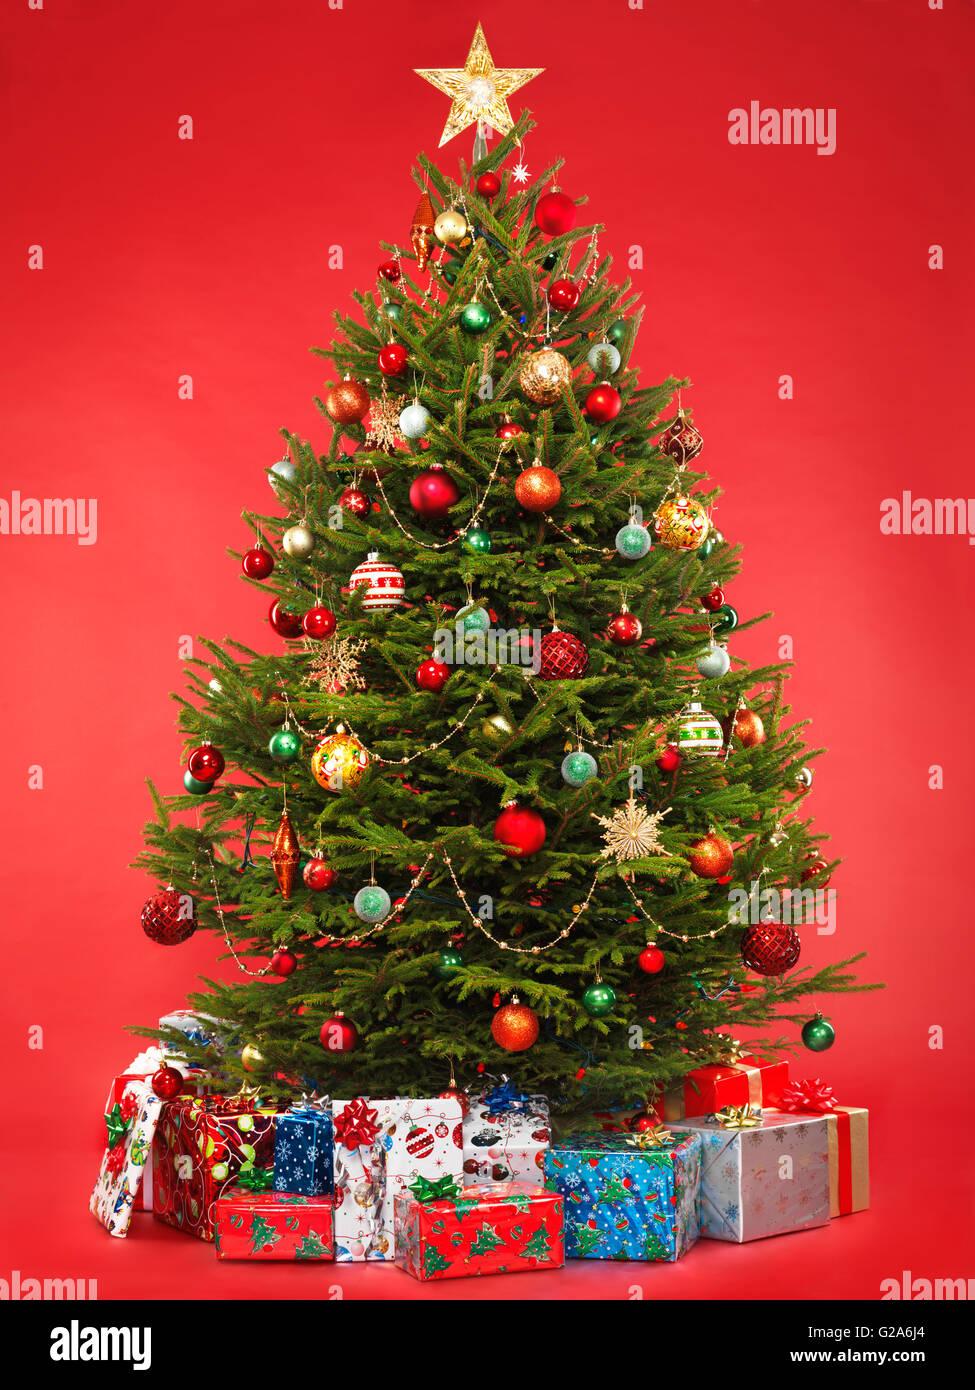 Weihnachtsbaum mit bunten Geschenken umgeben dekoriert Stockfoto